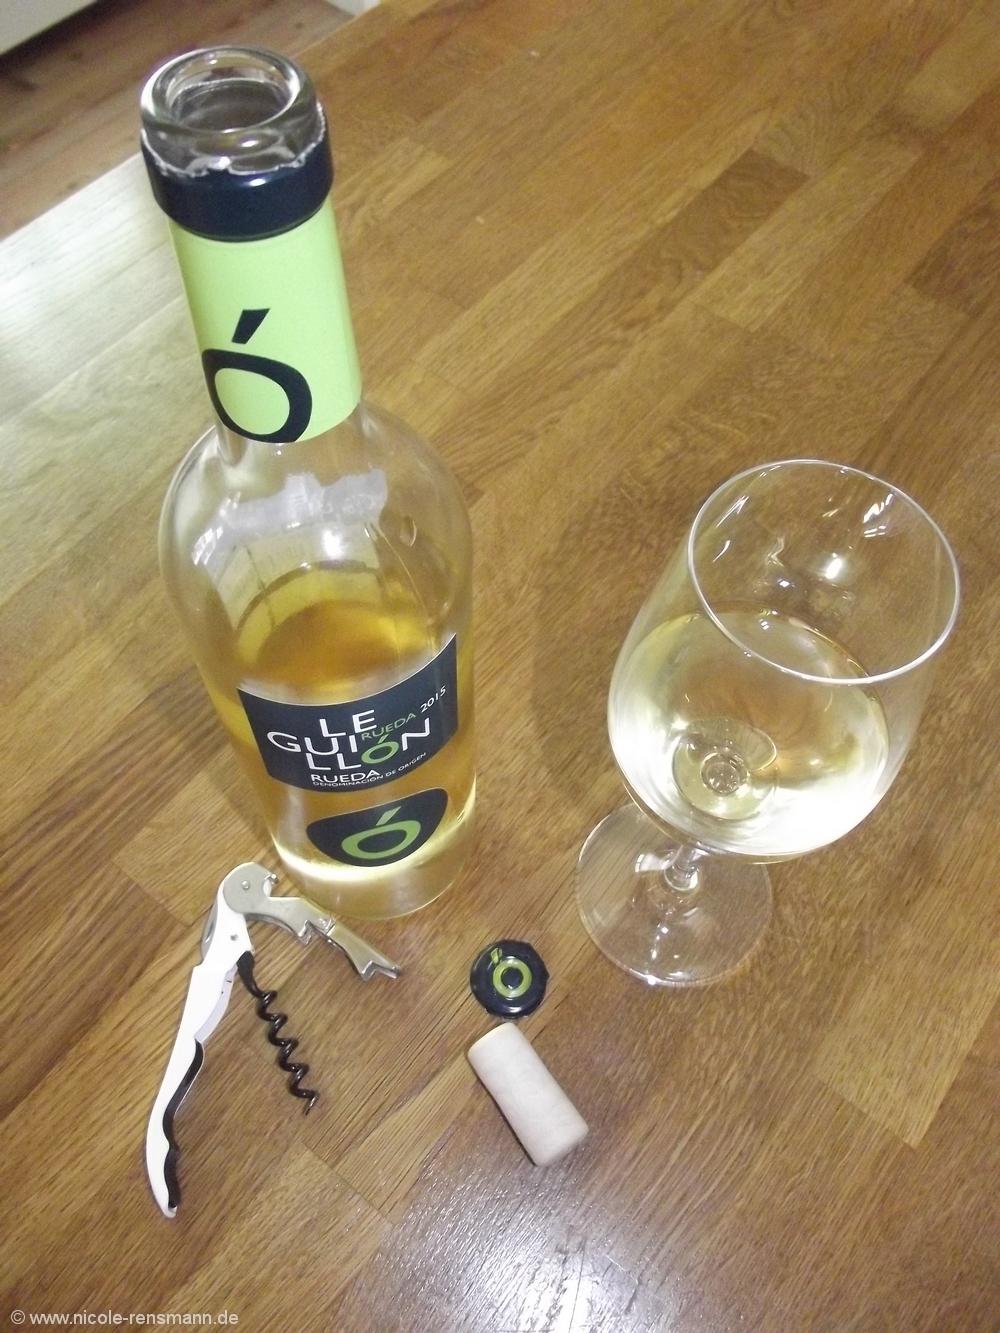 Einem geschenkten Wein ... Leguillón Rueda Bodegas Mocen 2015